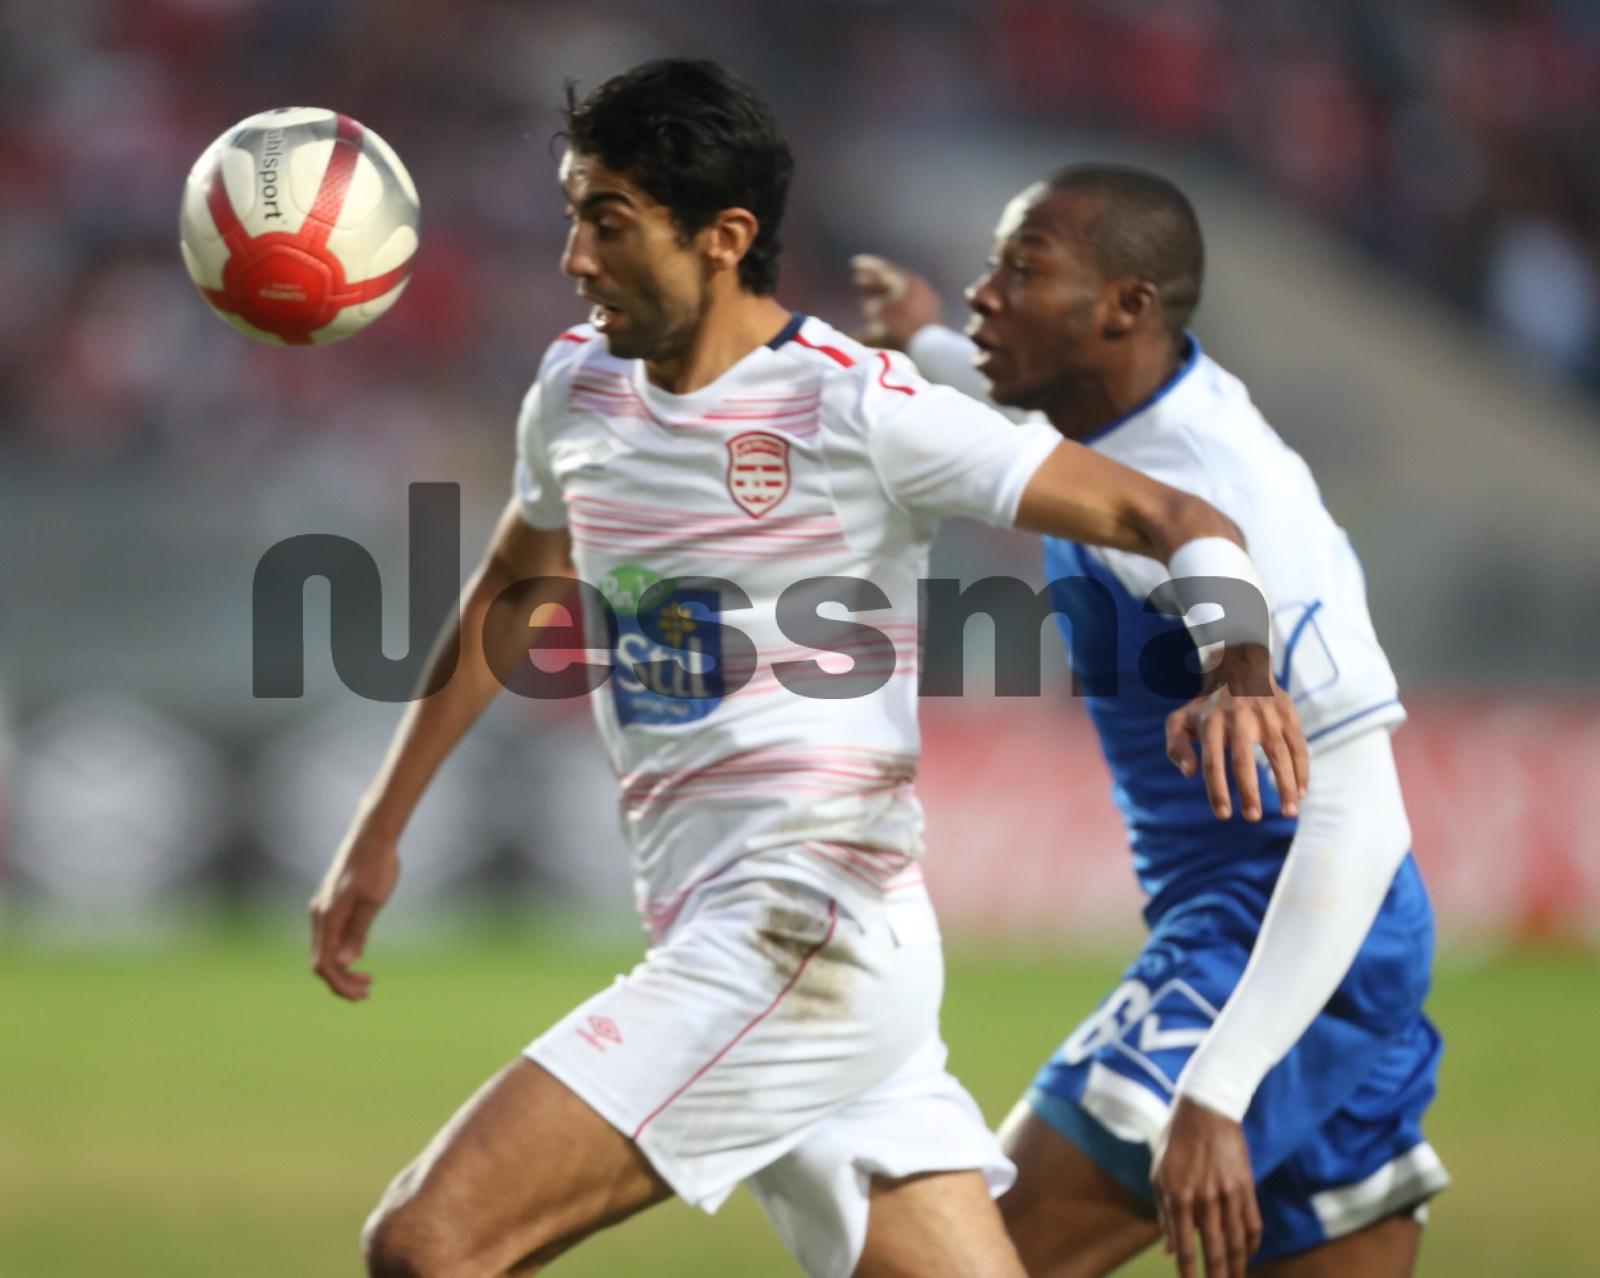 صور الشوط الاول من مباراة النادي الافريقي والهلال السوداني